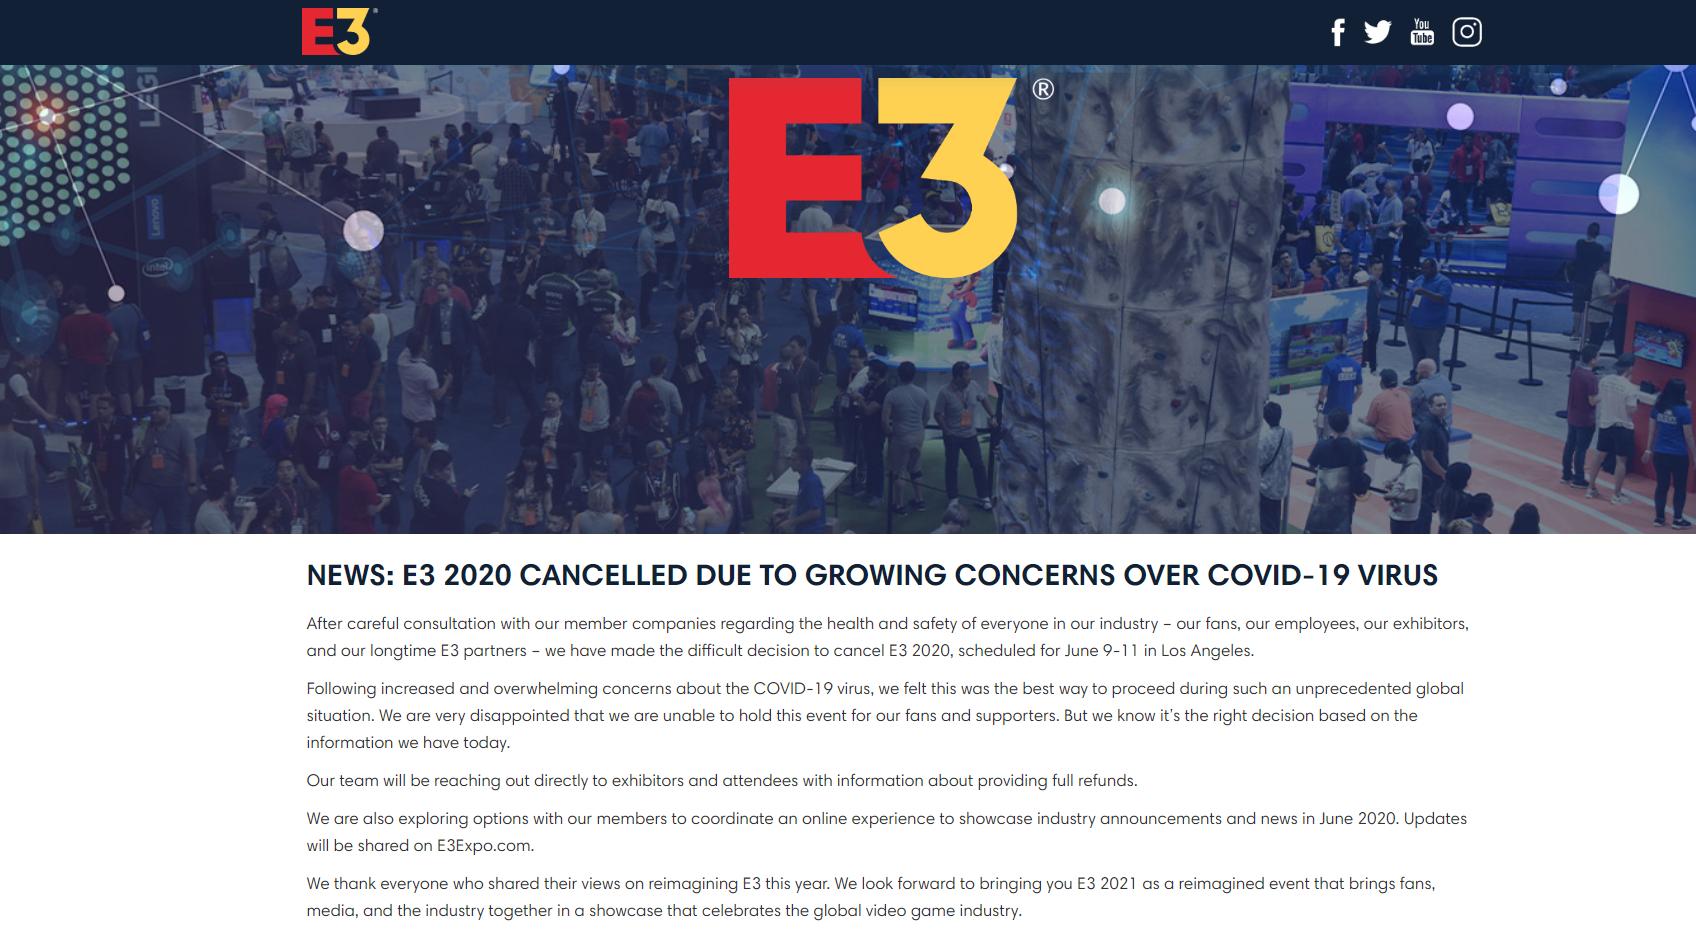 E3 Cancellation